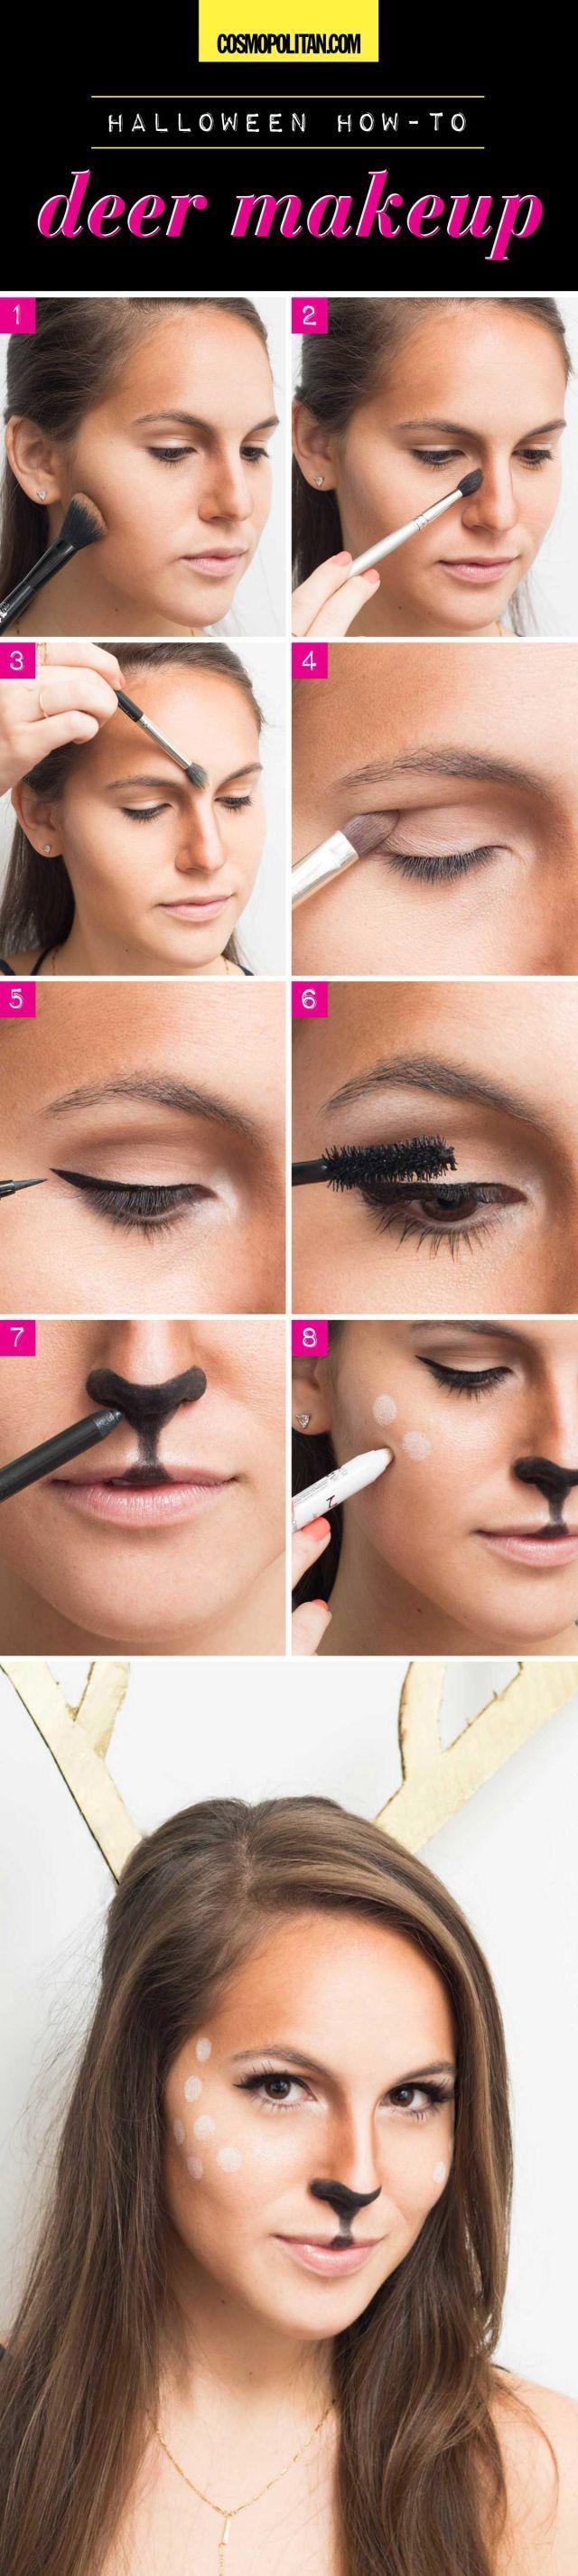 Halloween How-to: Deer Makeup: